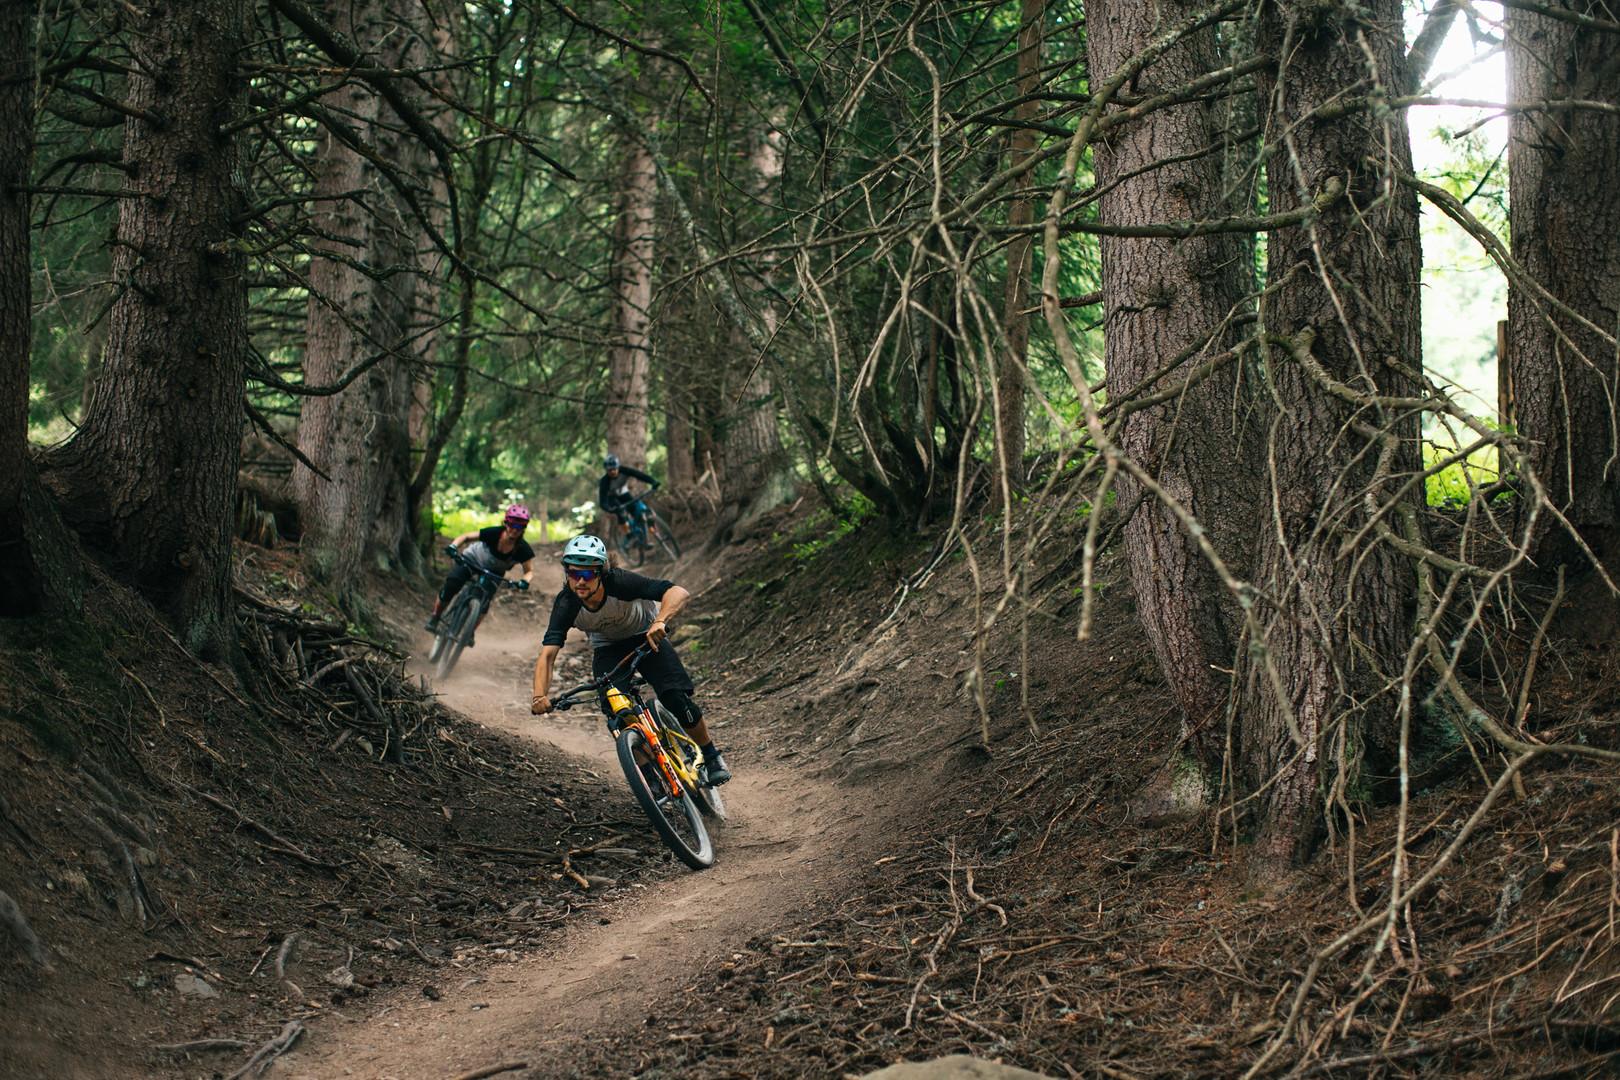 Lenzerheide Trails for Pinkbike.com